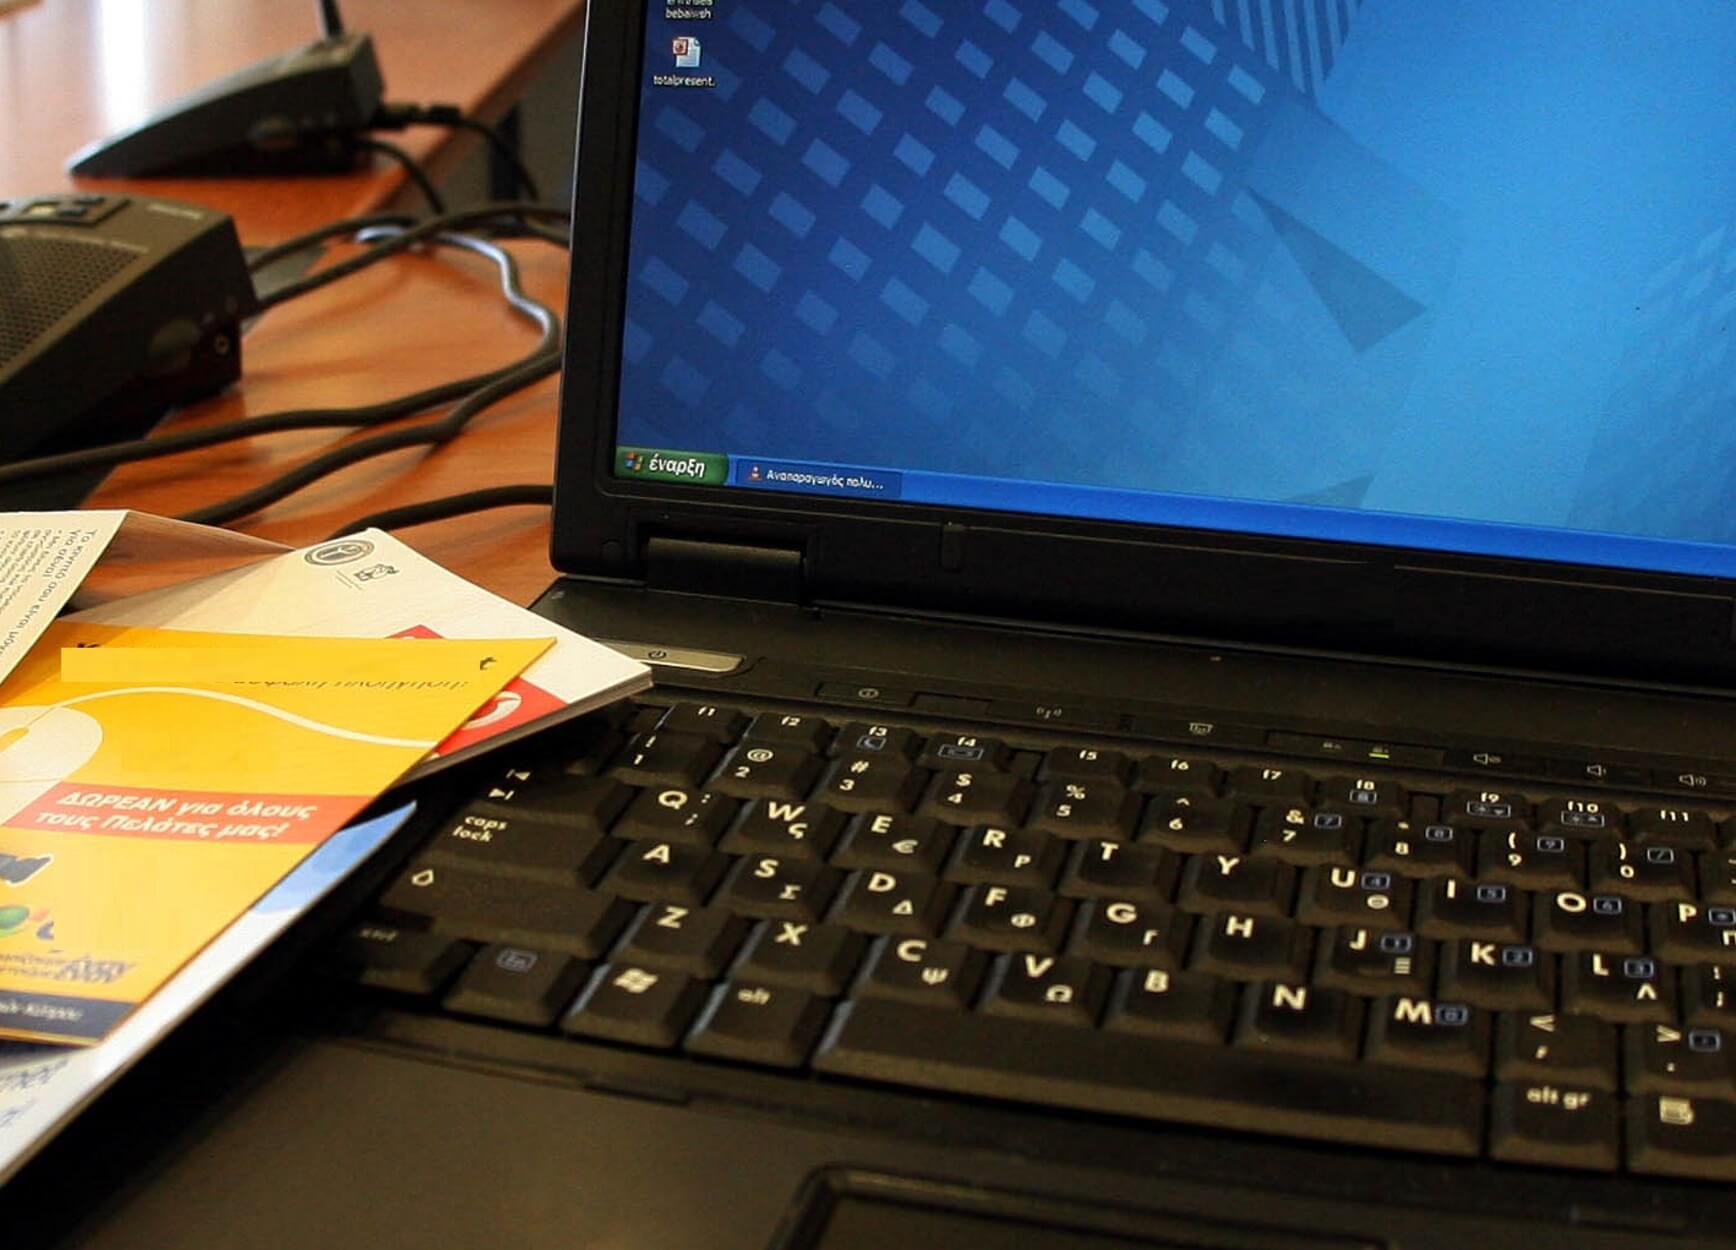 Έρευνα ELTRUN: Οι Έλληνες αναζητούν επαγγελματίες μέσα από το διαδίκτυο